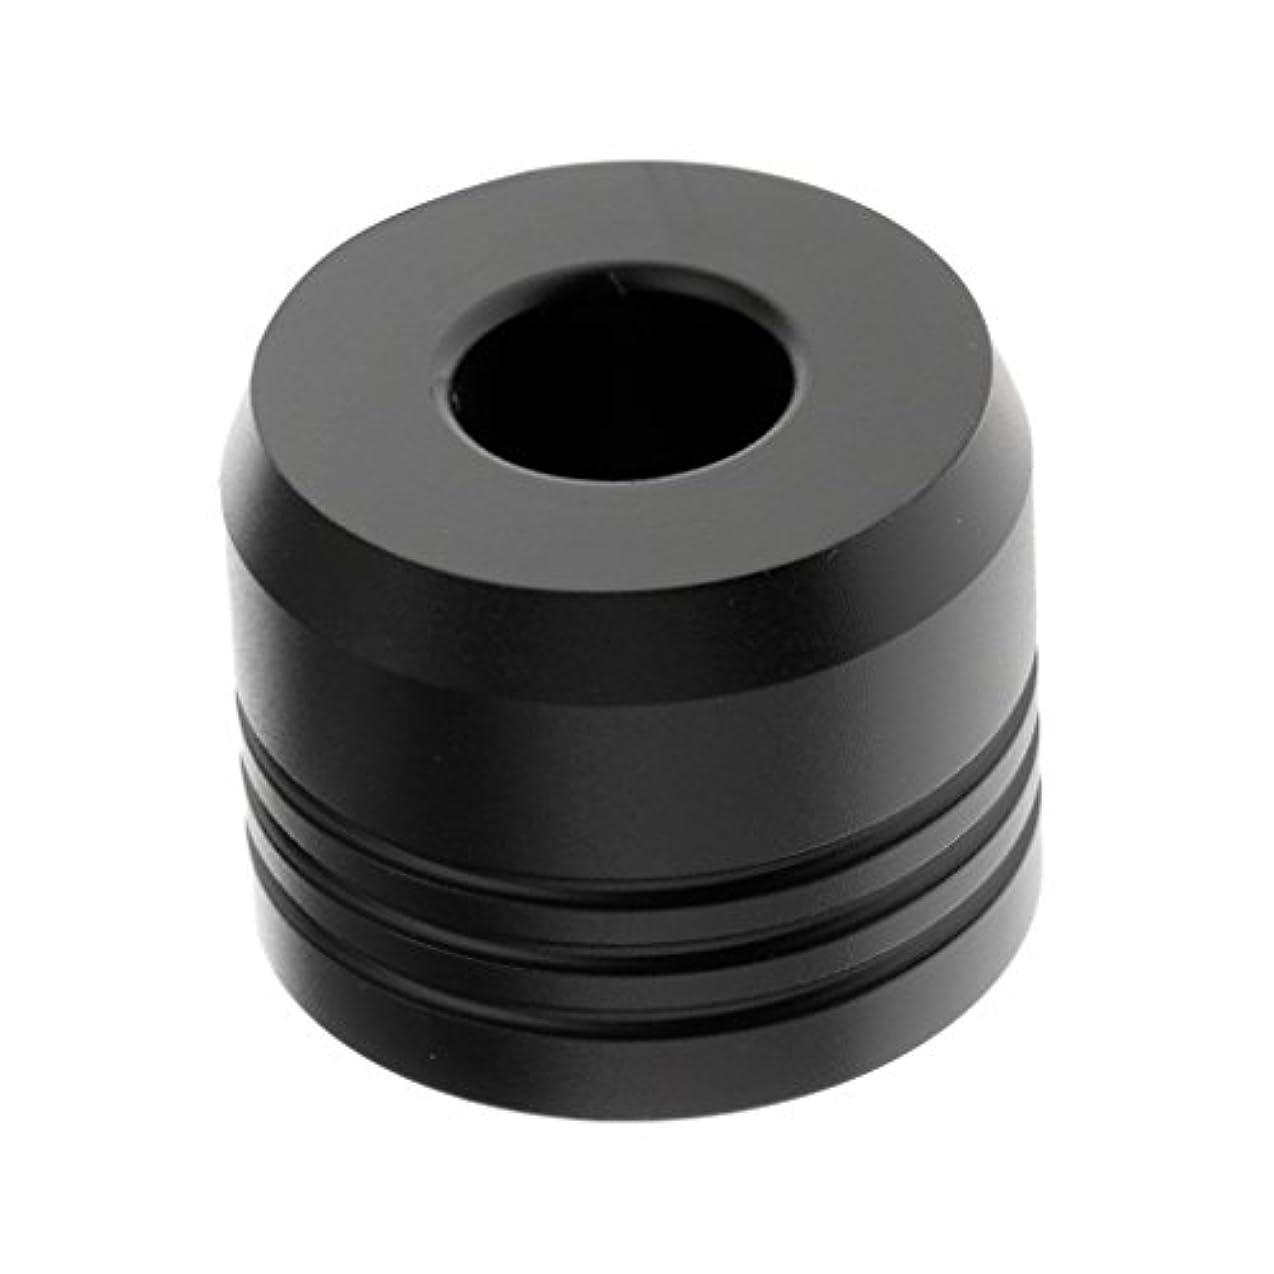 しかし祈り普及カミソリスタンド スタンド シェービング カミソリホルダー ベース サポート 調節可 乾燥 2色選べ - ブラック